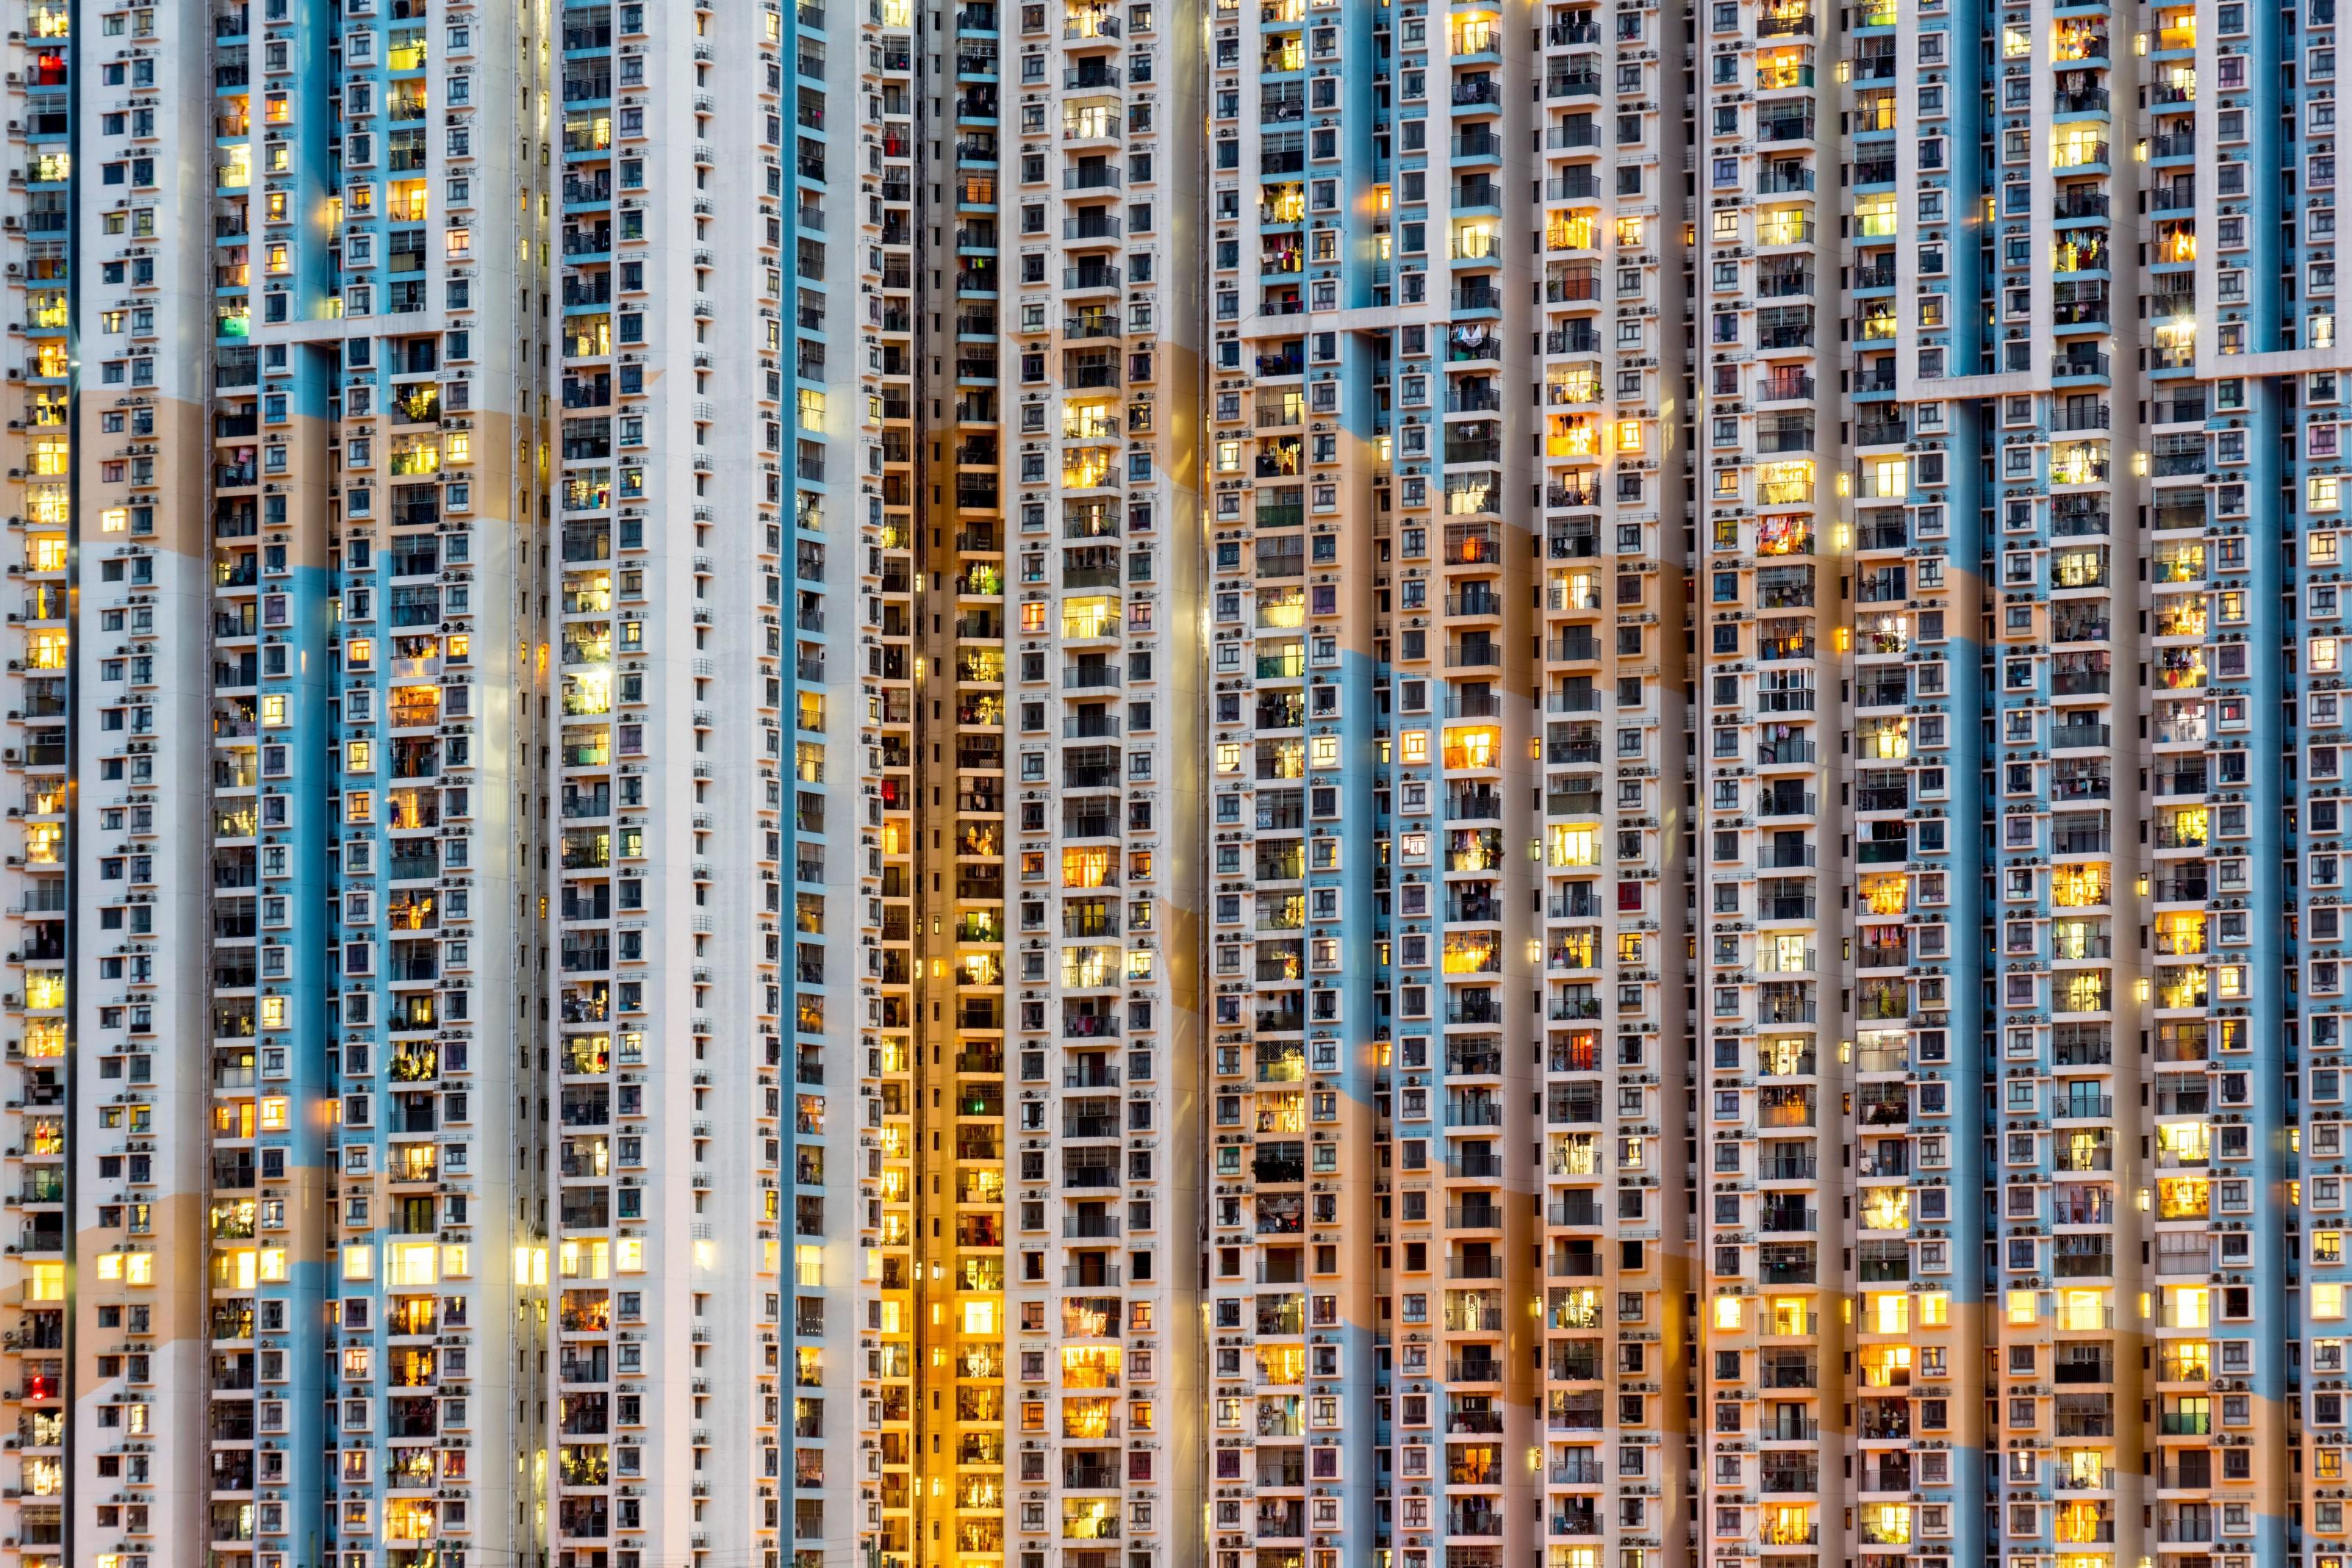 Daheim im Wolkenkratzer